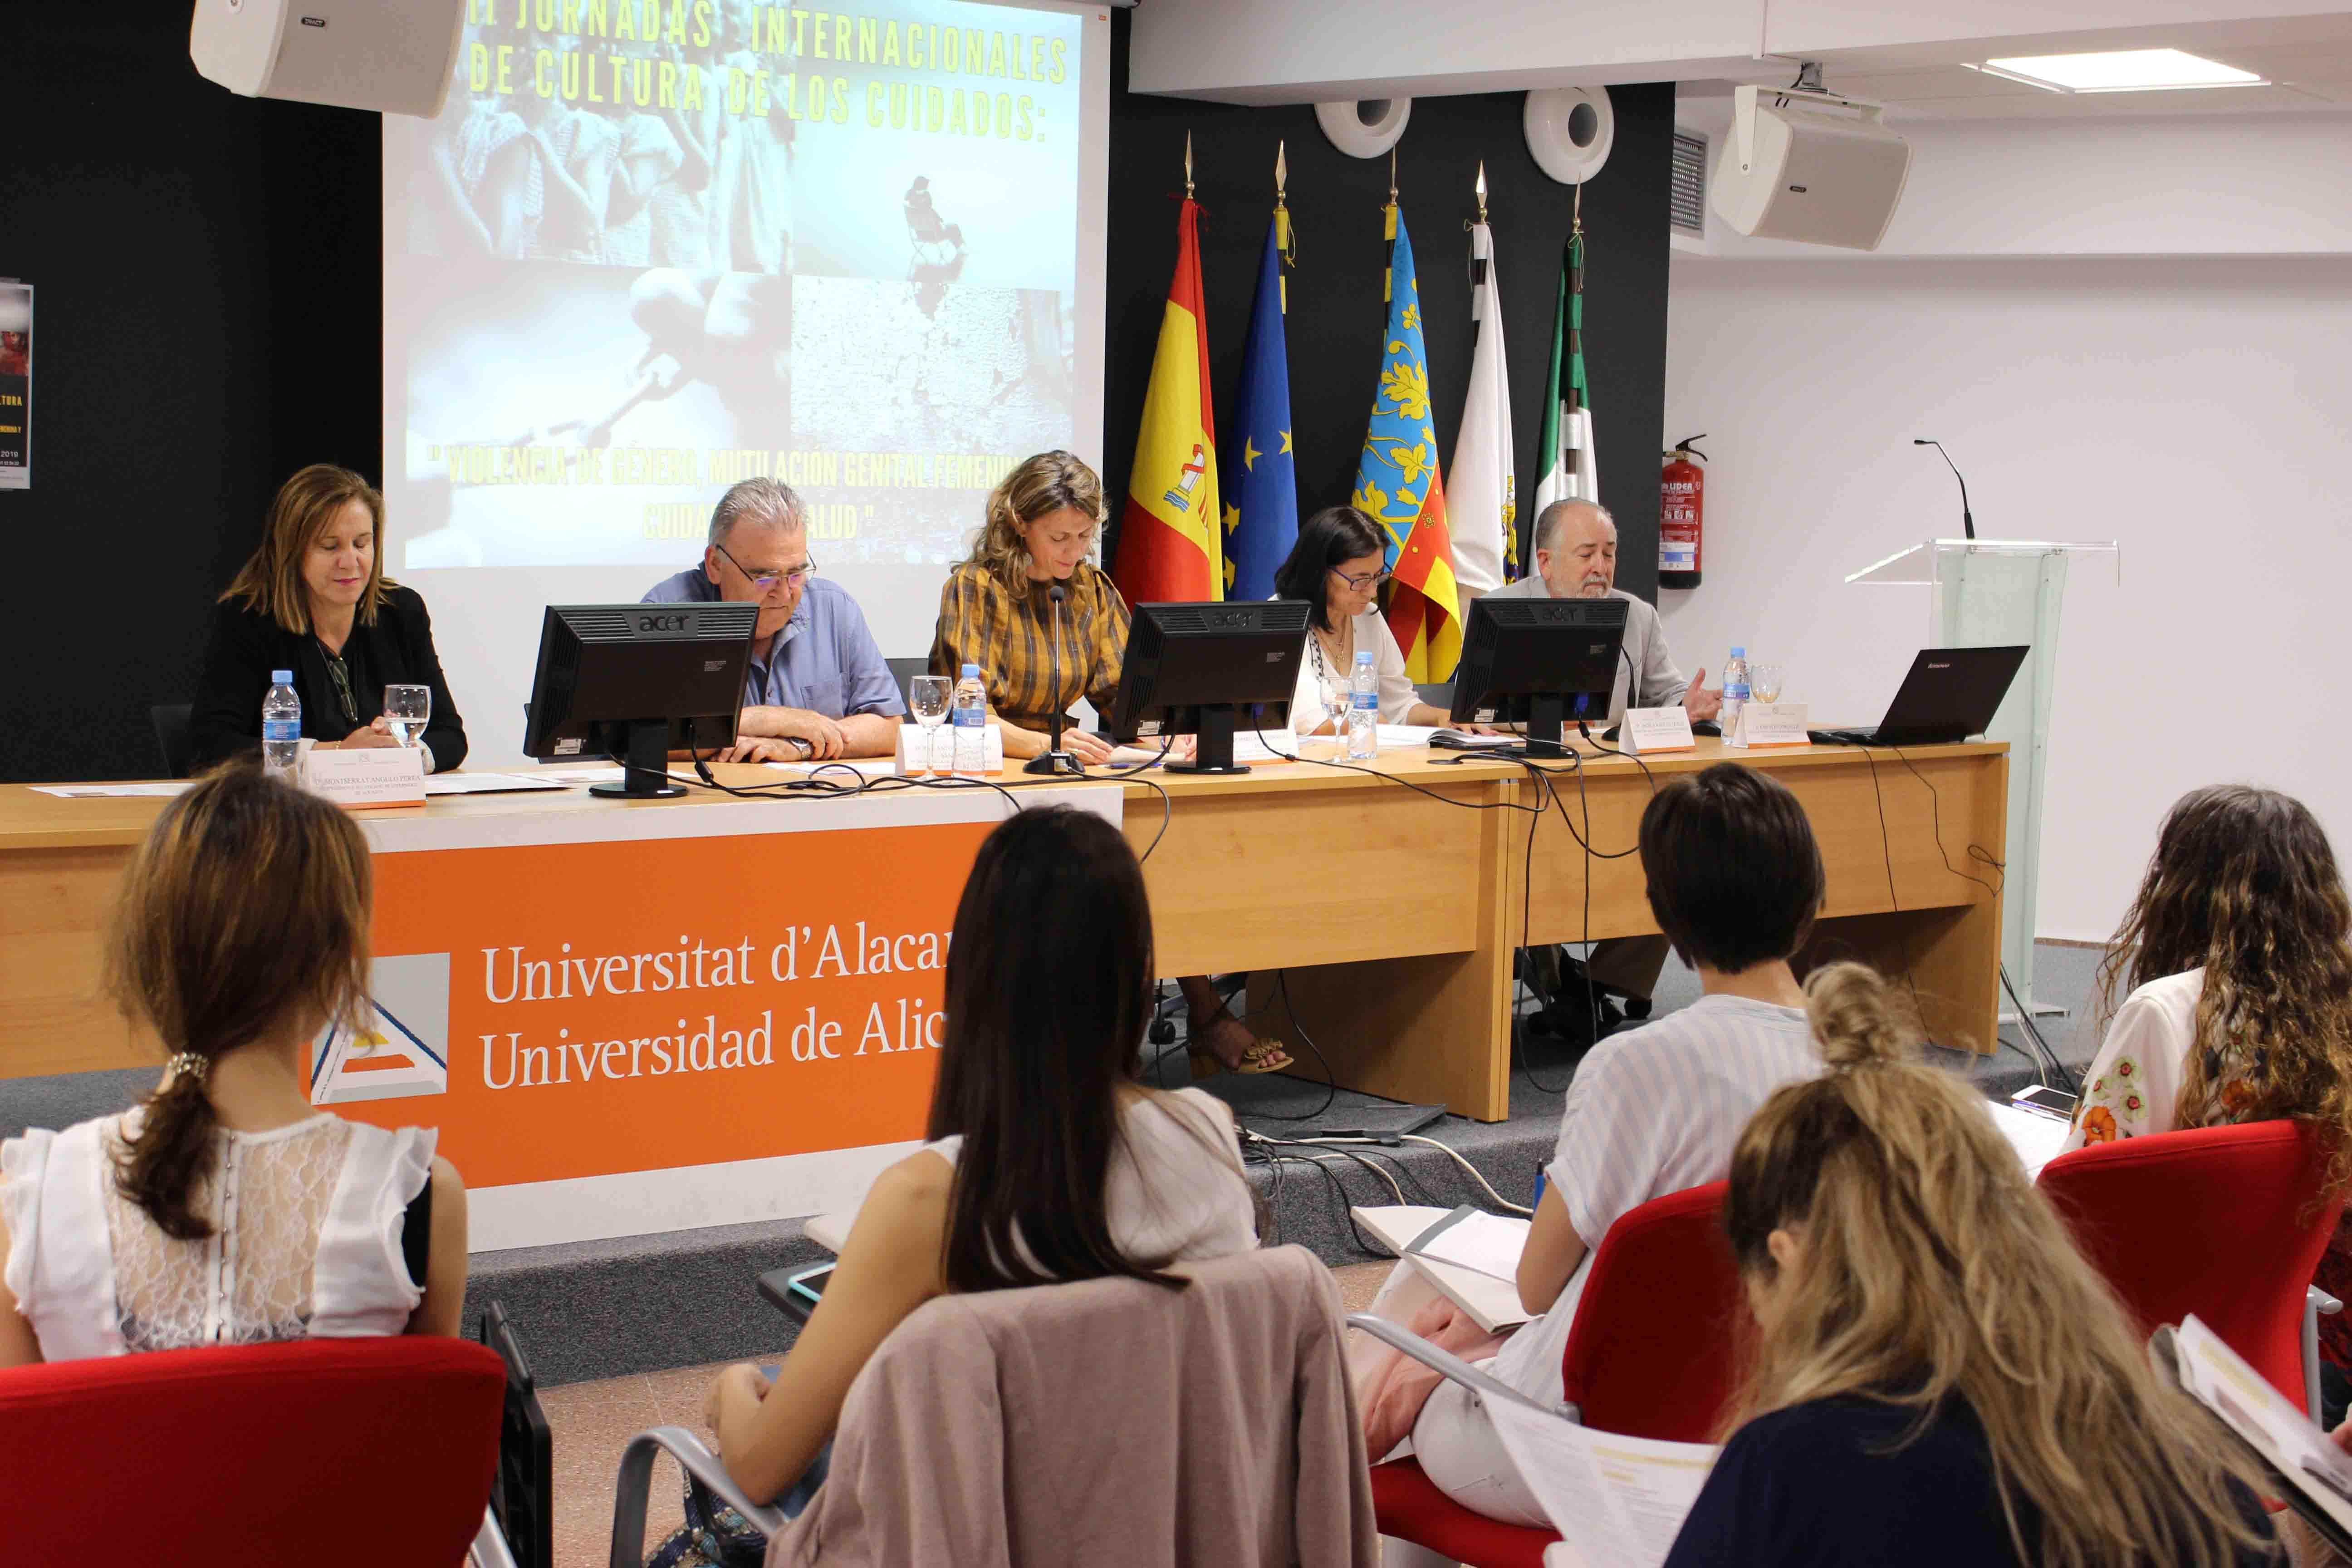 ALICANTE: Expertos nacionales e internacionales abordan el fenómeno de la violencia de género y la mutilación genital femenina